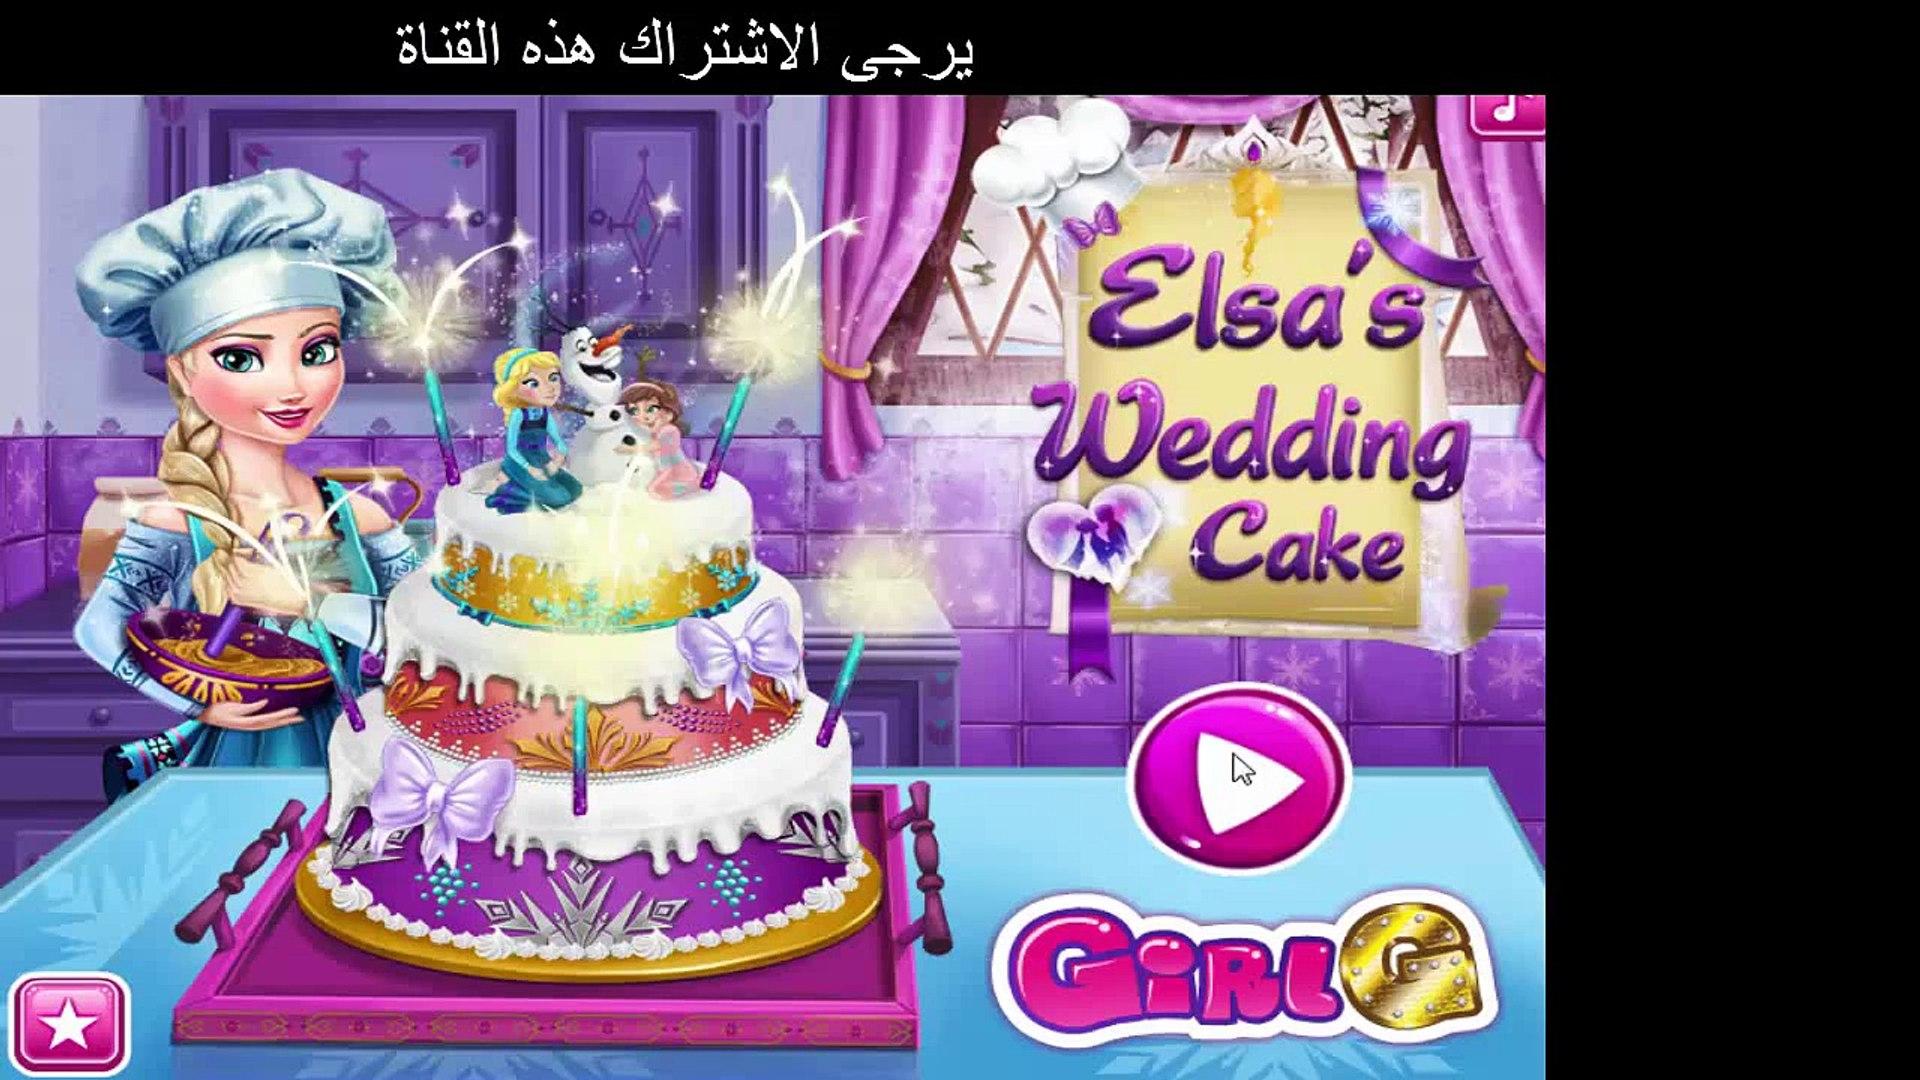 ألعاب المجمدة - الزفاف لعبة كعكة الطبخ إلسا